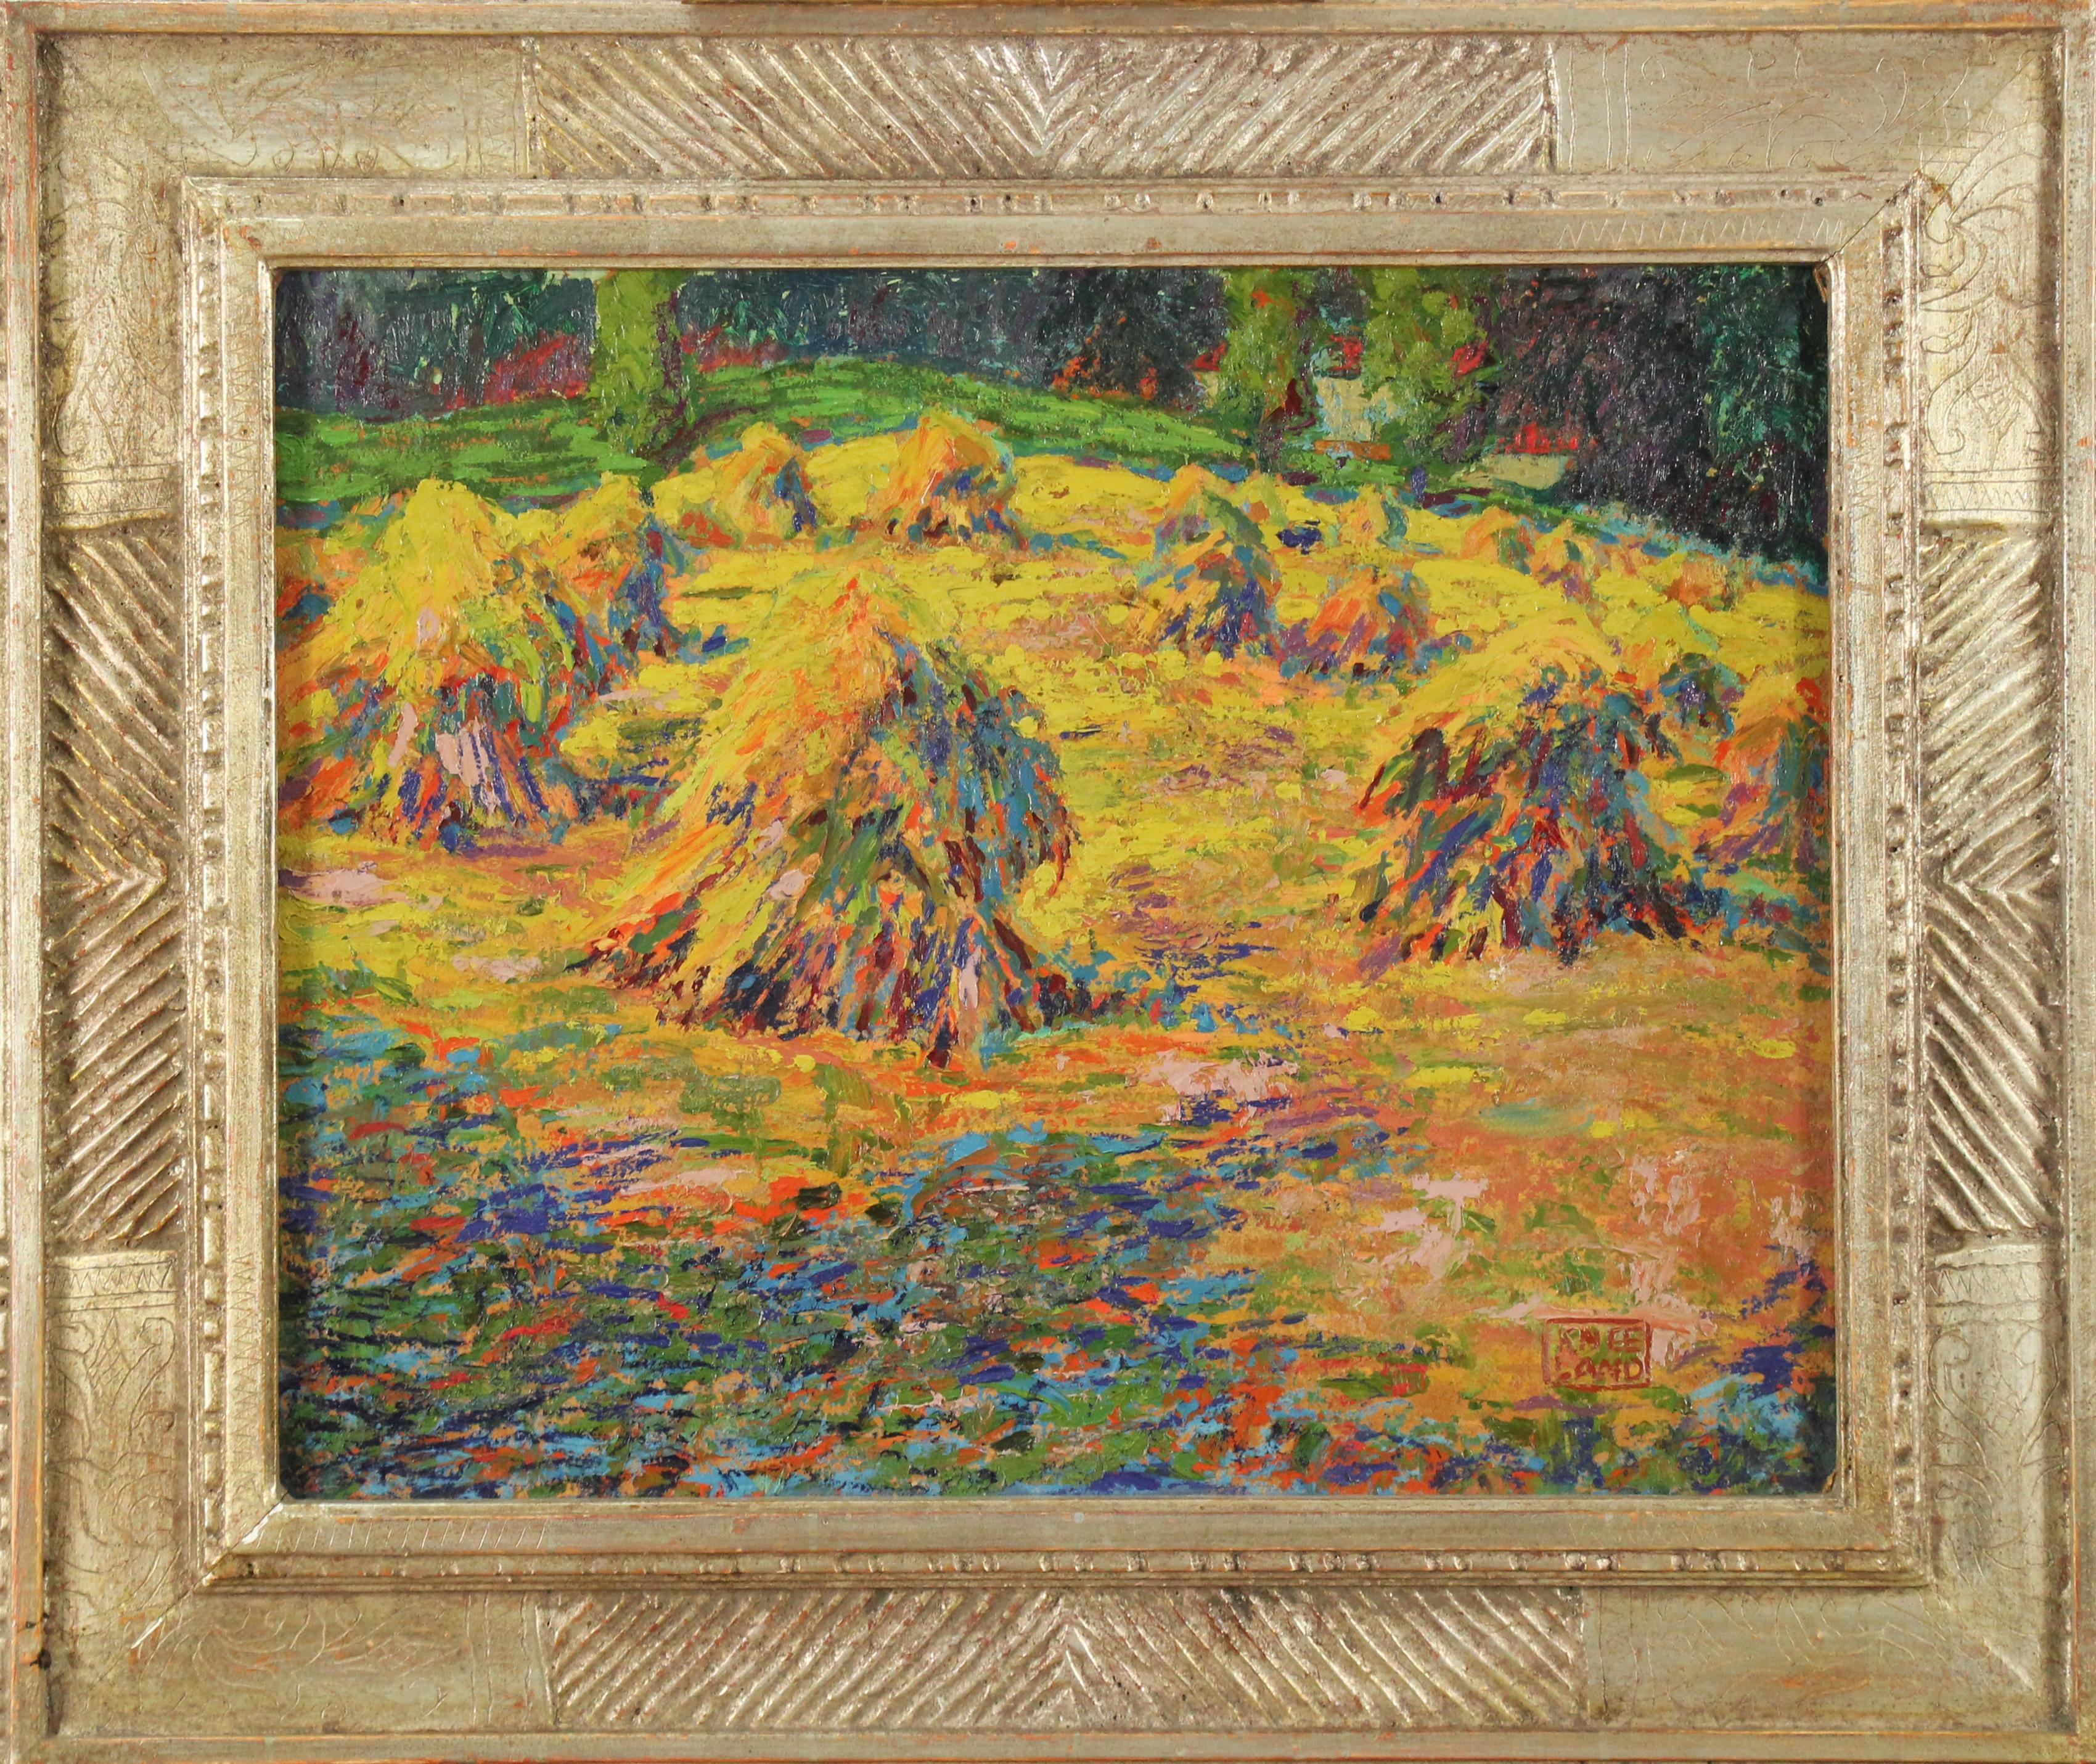 Haystacks, Pennsylvania Impressionist Autumn Landscape, Signed and Framed